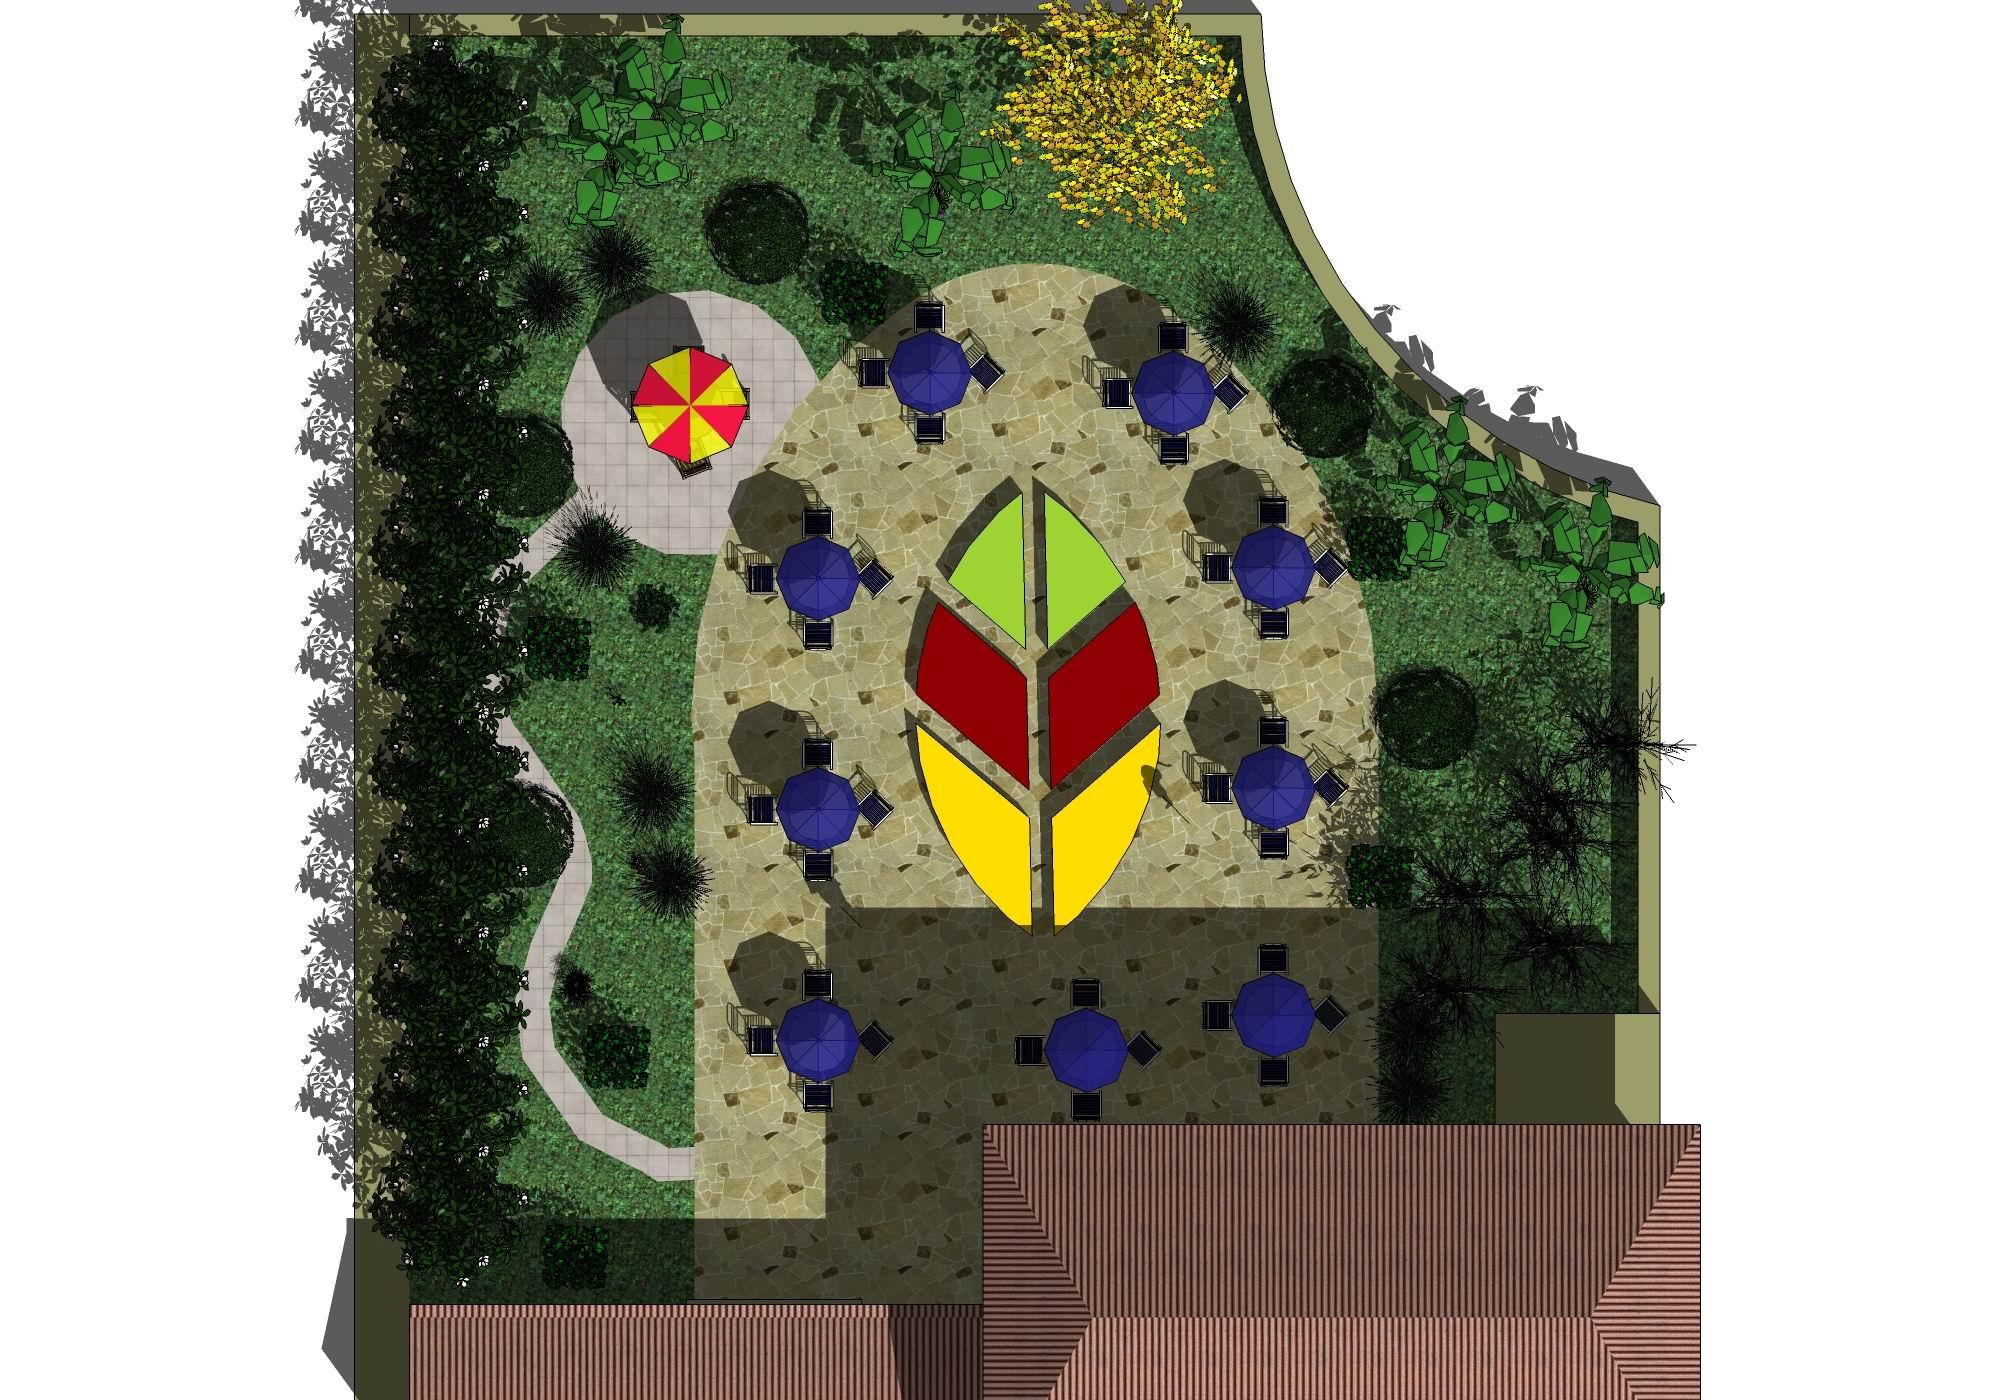 屋顶花园效果图平面图  -最近做的酒店屋顶花园模型和效果图 土木在线高清图片